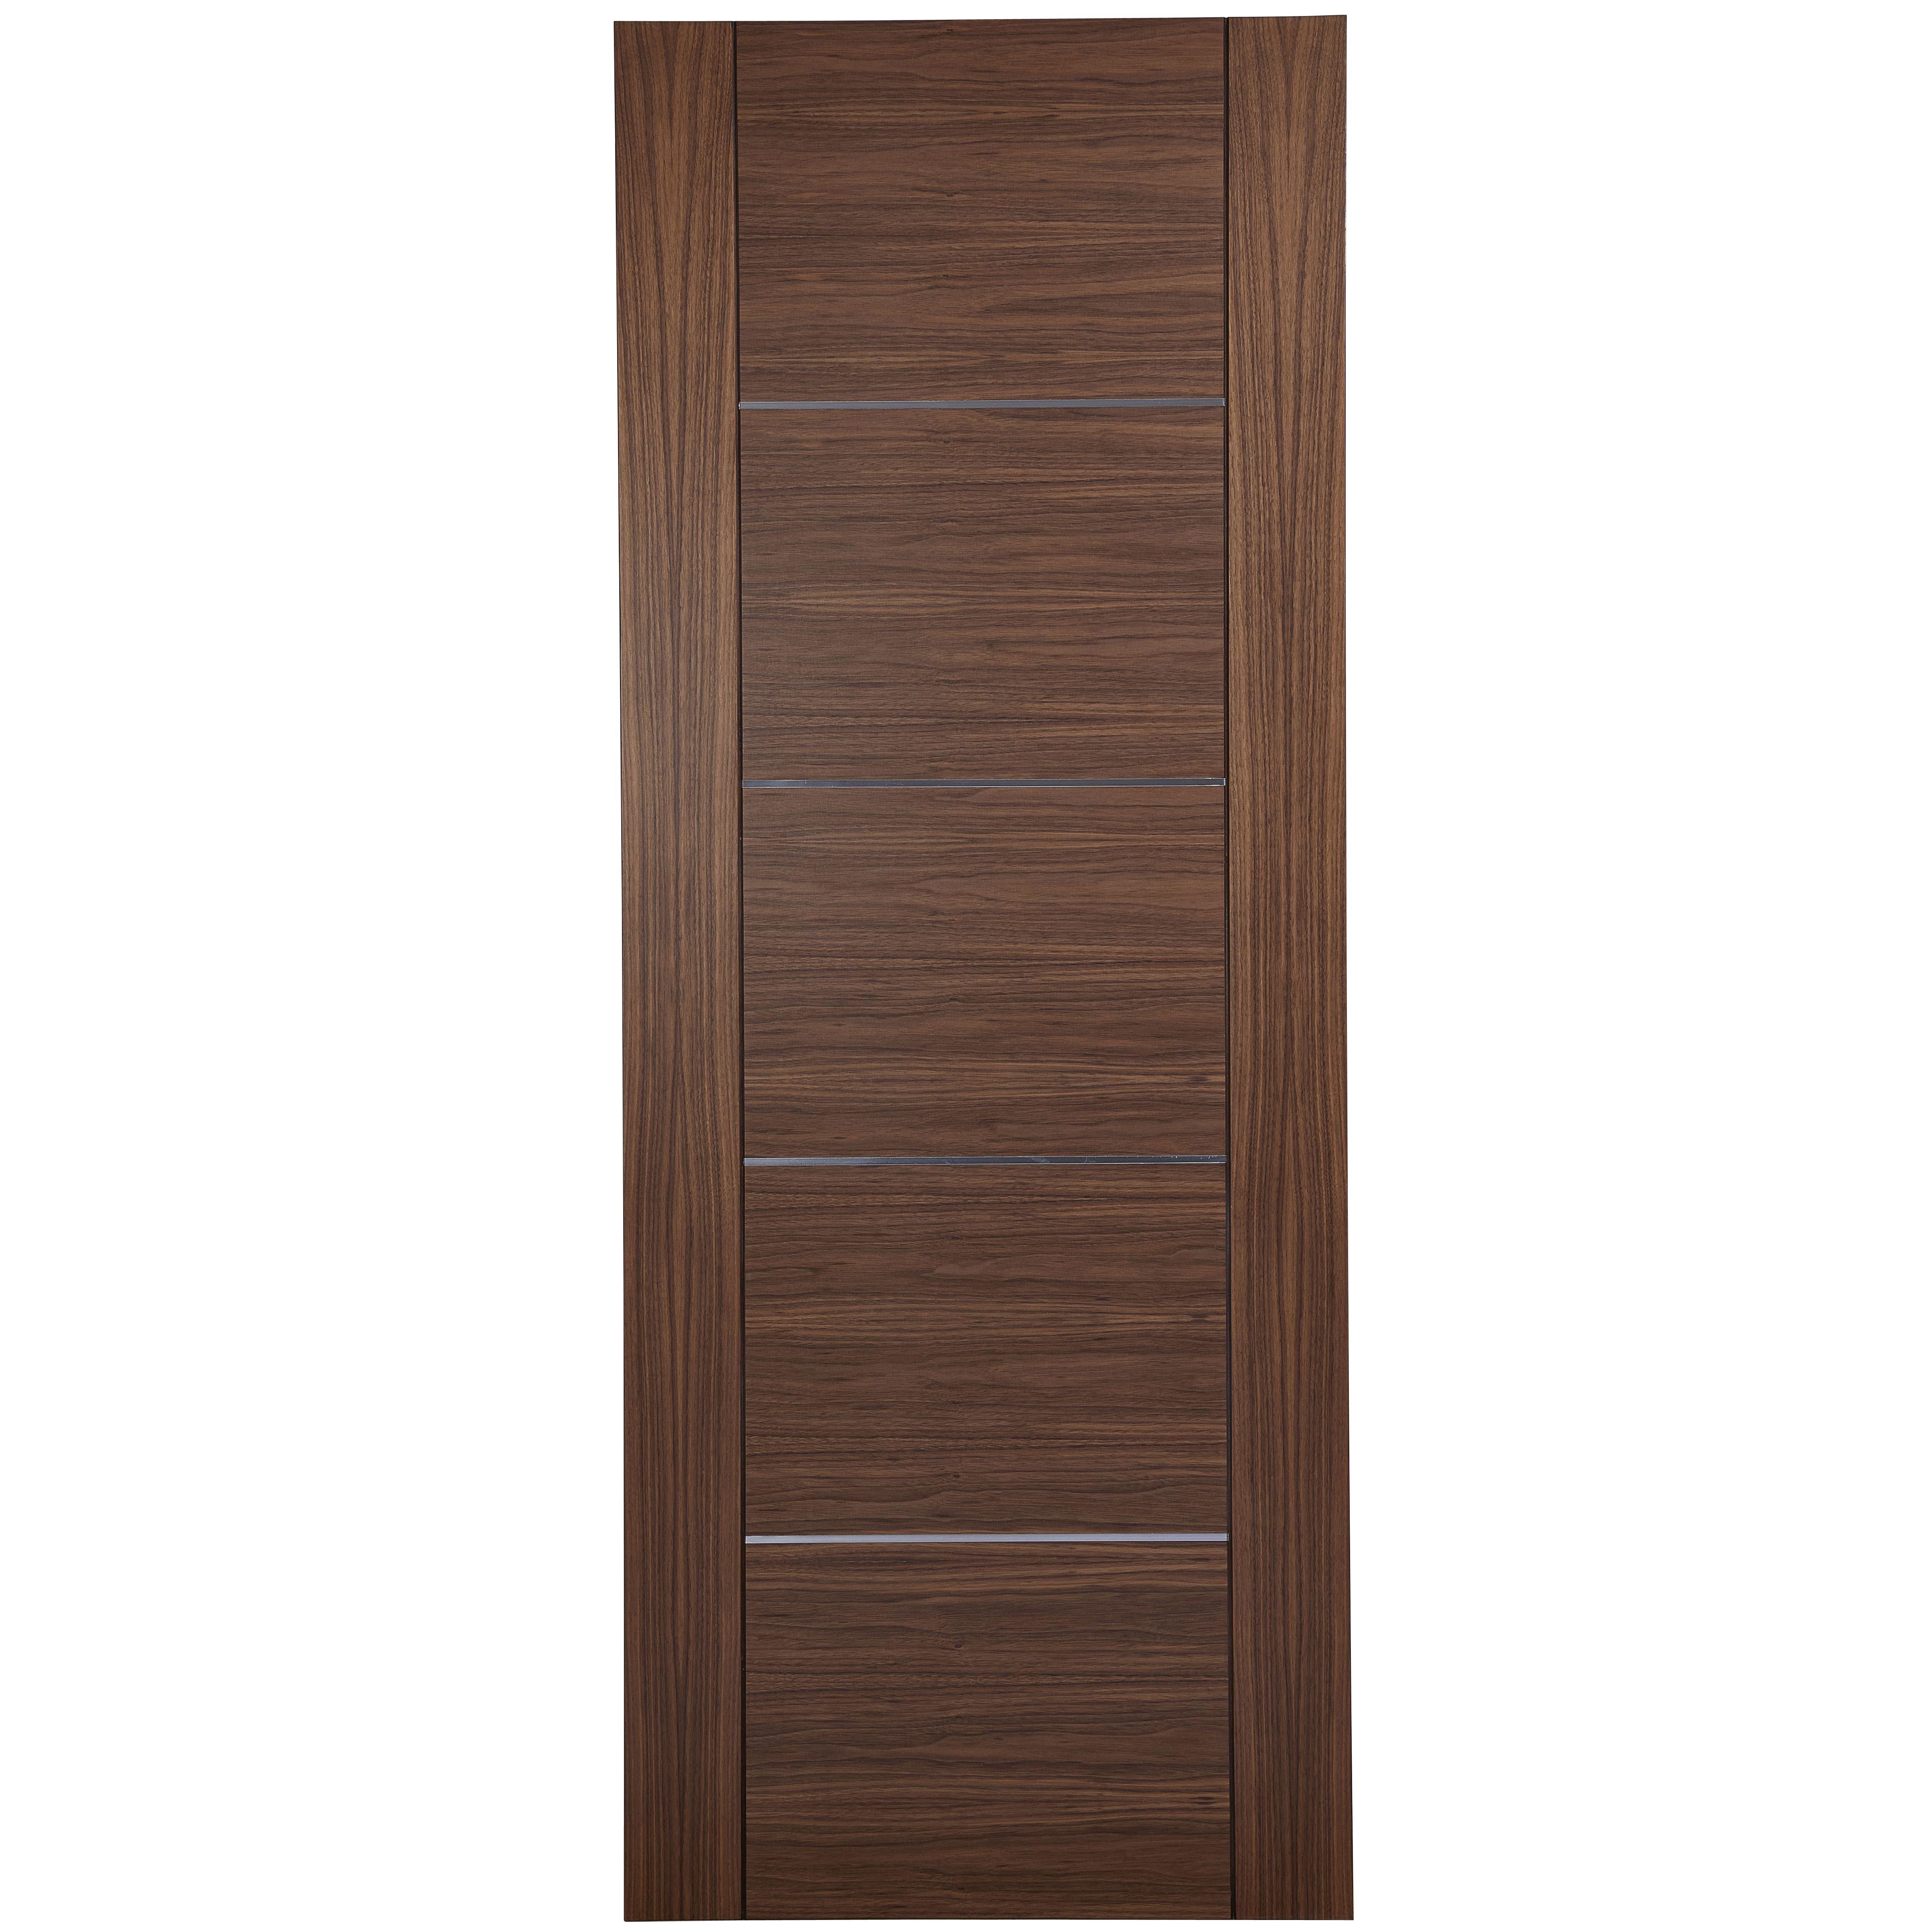 15 lite oak veneer internal glazed door h 1981mm w for 1 panel inlaid oak veneer door